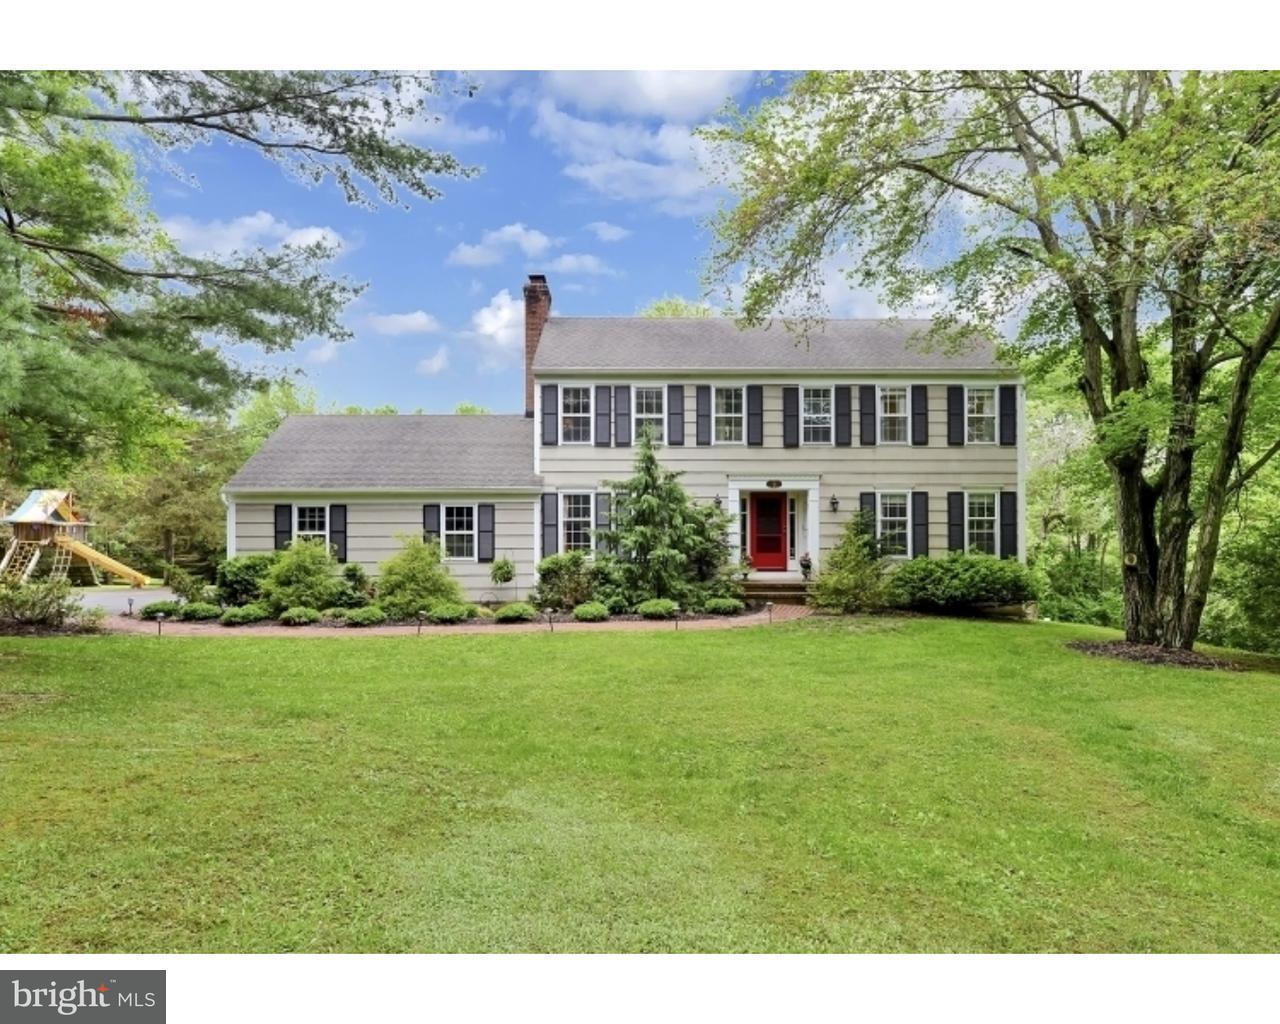 Частный односемейный дом для того Продажа на 41 DUTCH Lane East Amwell, Нью-Джерси 08551 Соединенные ШтатыВ/Около: East Amwell Township